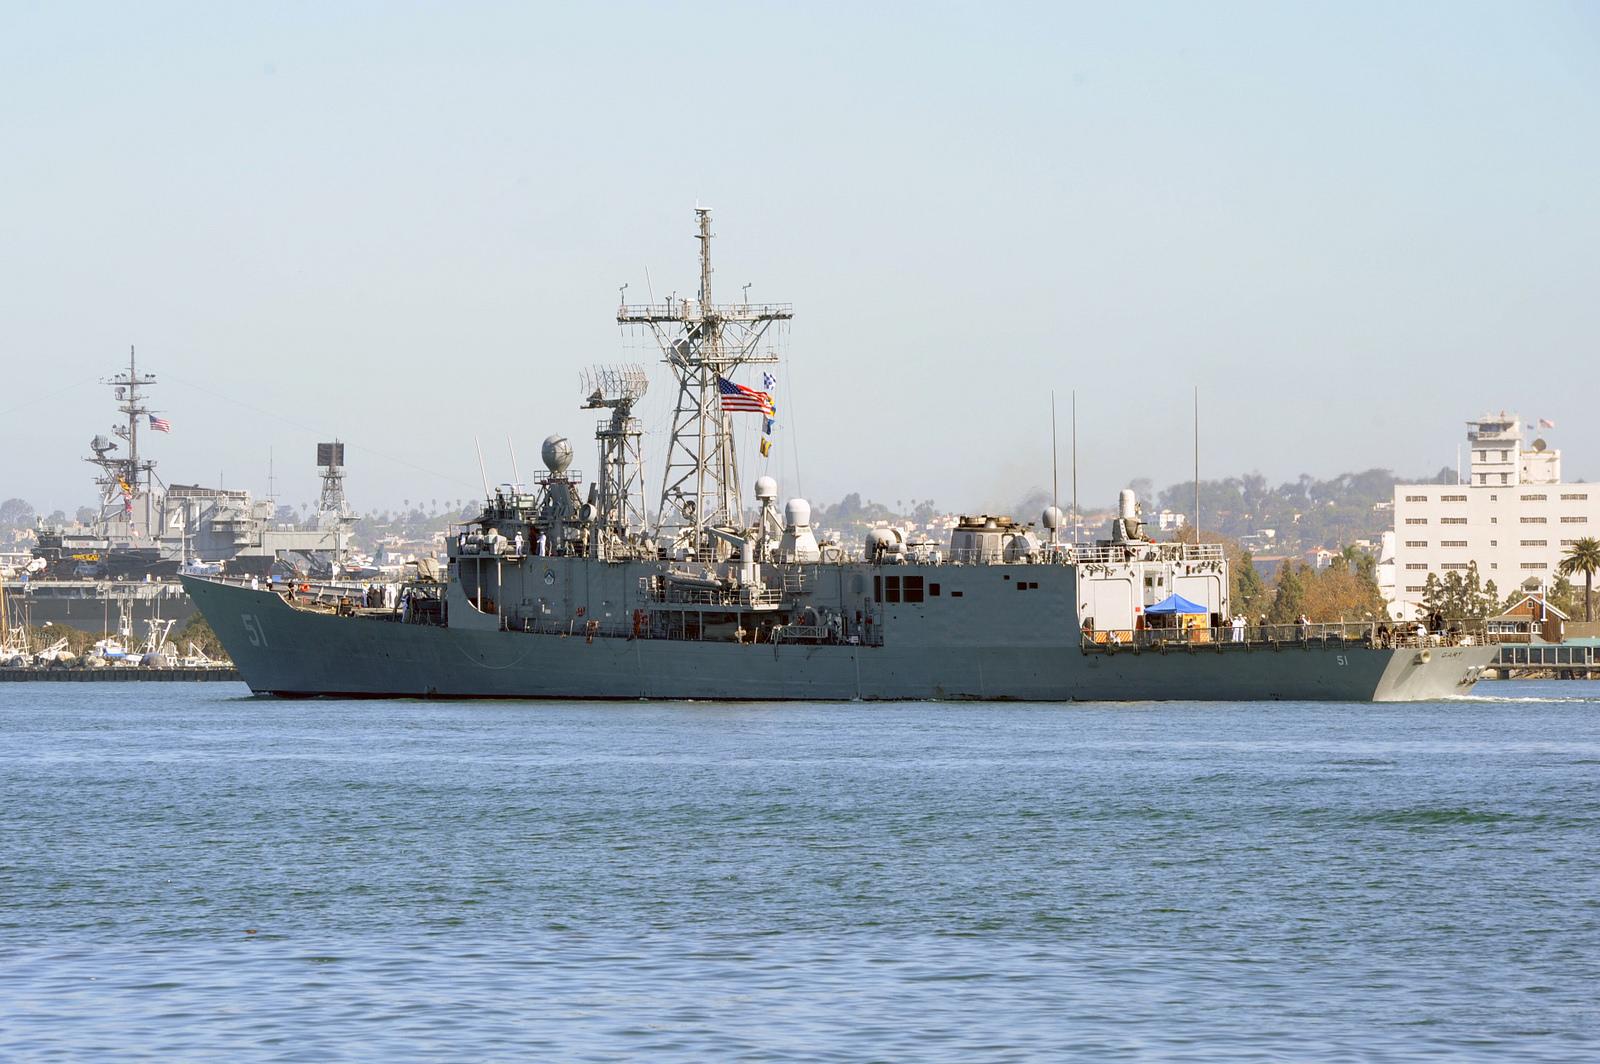 USS GARY FFG-51 Auslaufen San Diego am 24.09.2014 Bild: U.S. Navy